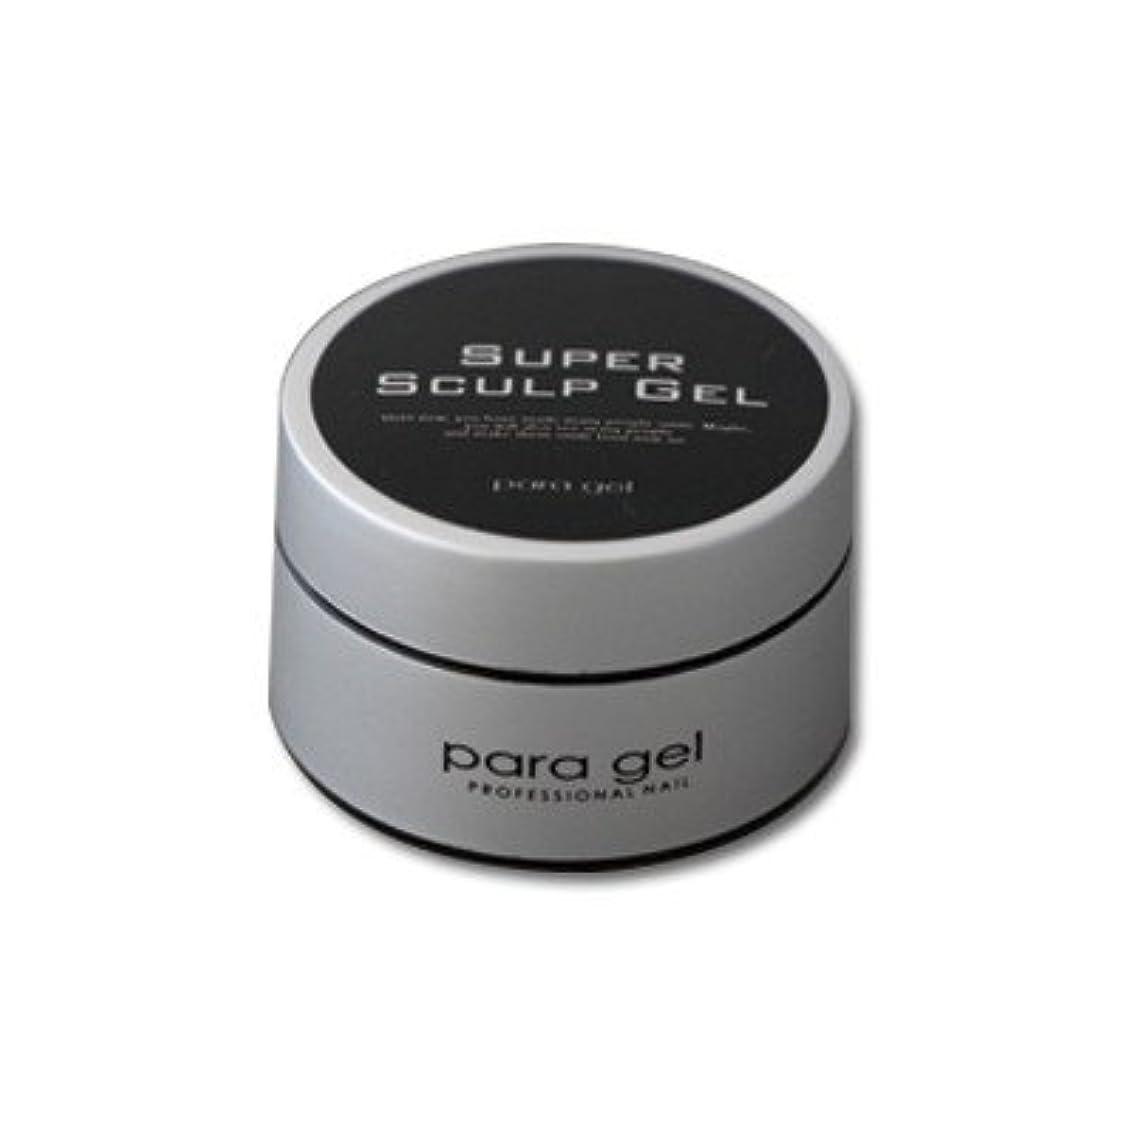 マングルゆるく東ティモールpara gel(パラジェル) スーパースカルプジェル 10g